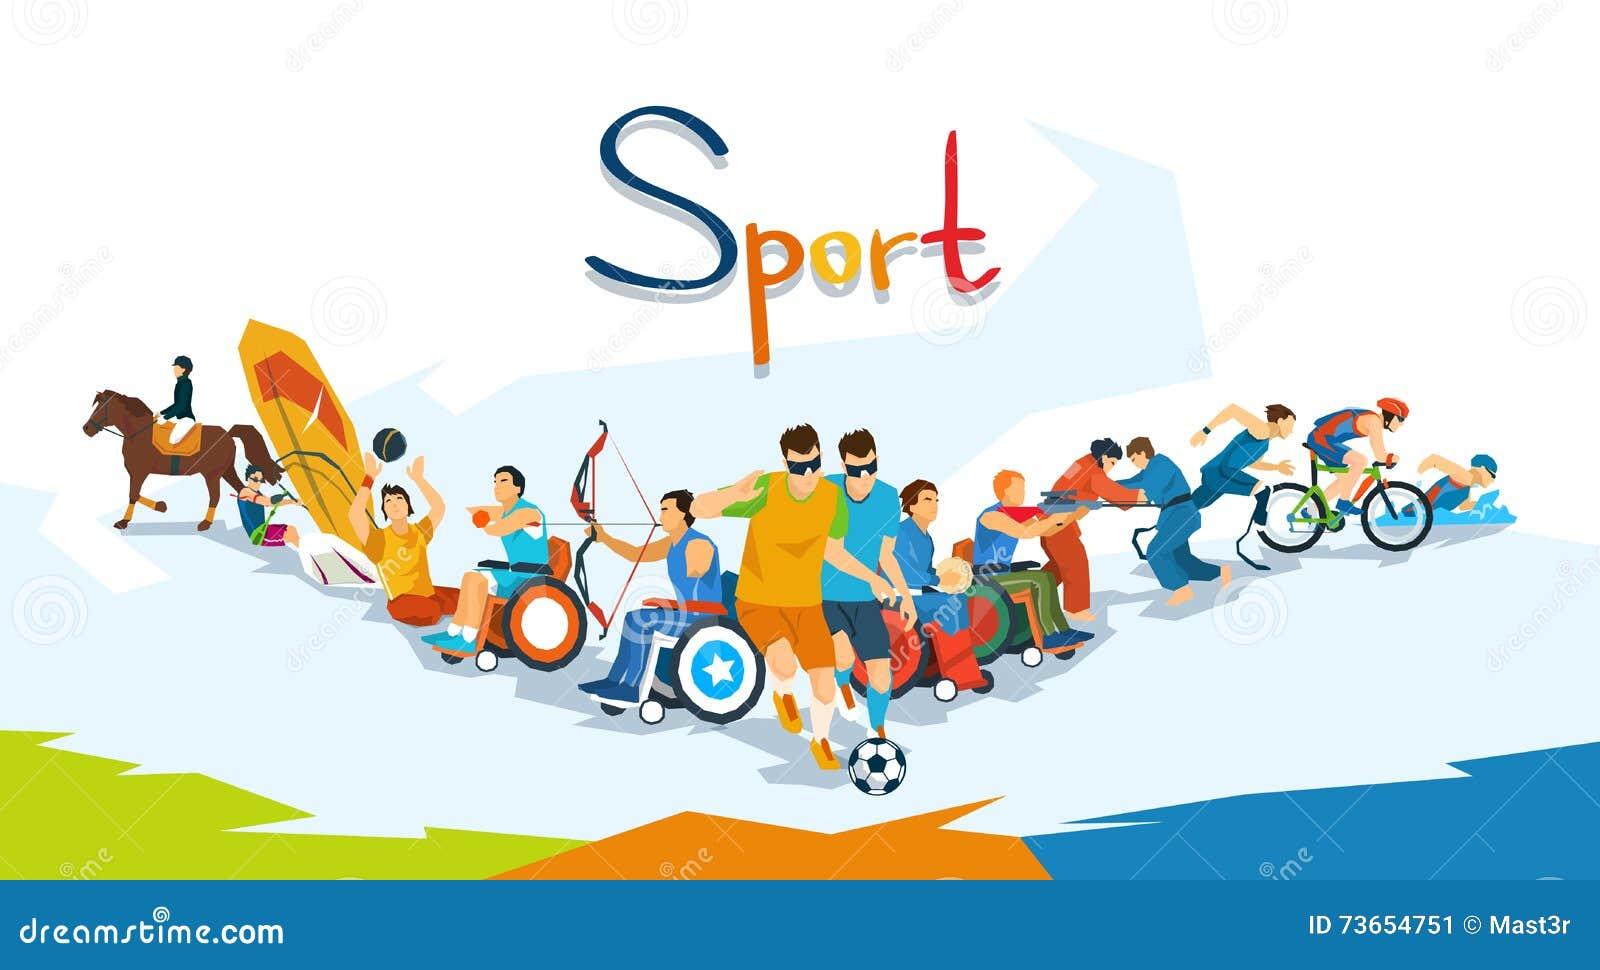 Insegna disabile della competizione sportiva degli atleti